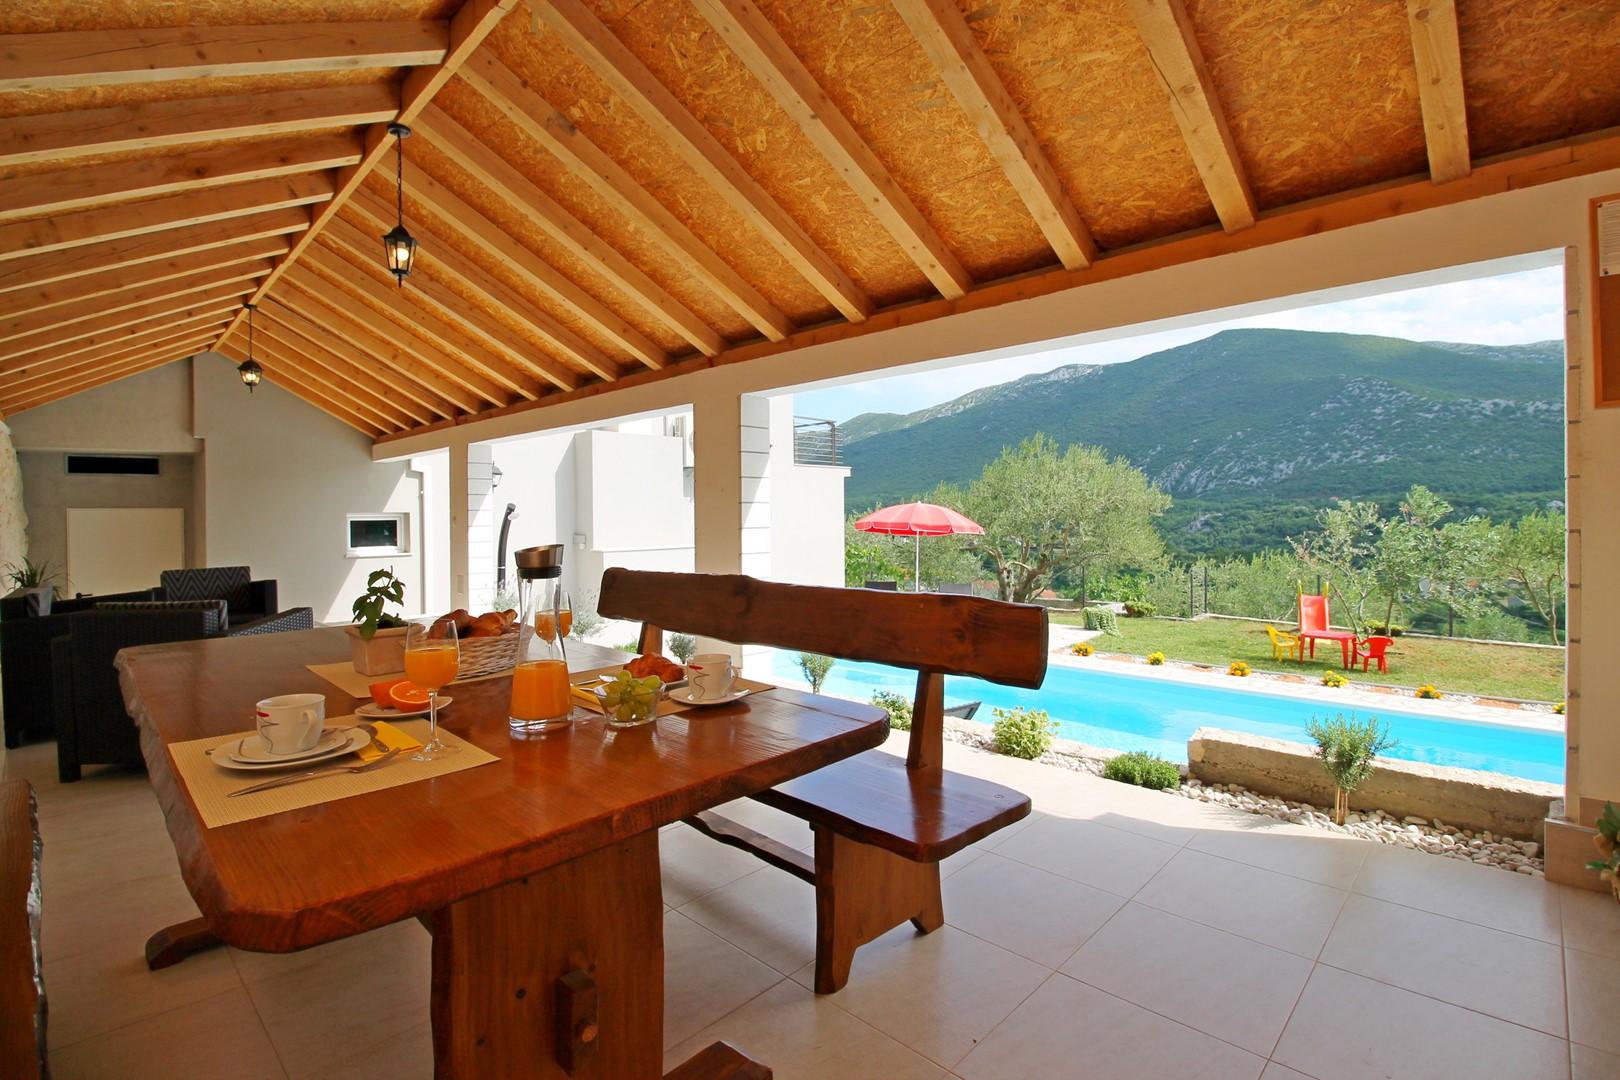 Ferienhaus Privater Pool 3,5 x 8,6 m, überdachter Essbereich im Freien, kostenloses WLAN, voll - klim (2663850), Kostanje, , Dalmatien, Kroatien, Bild 4